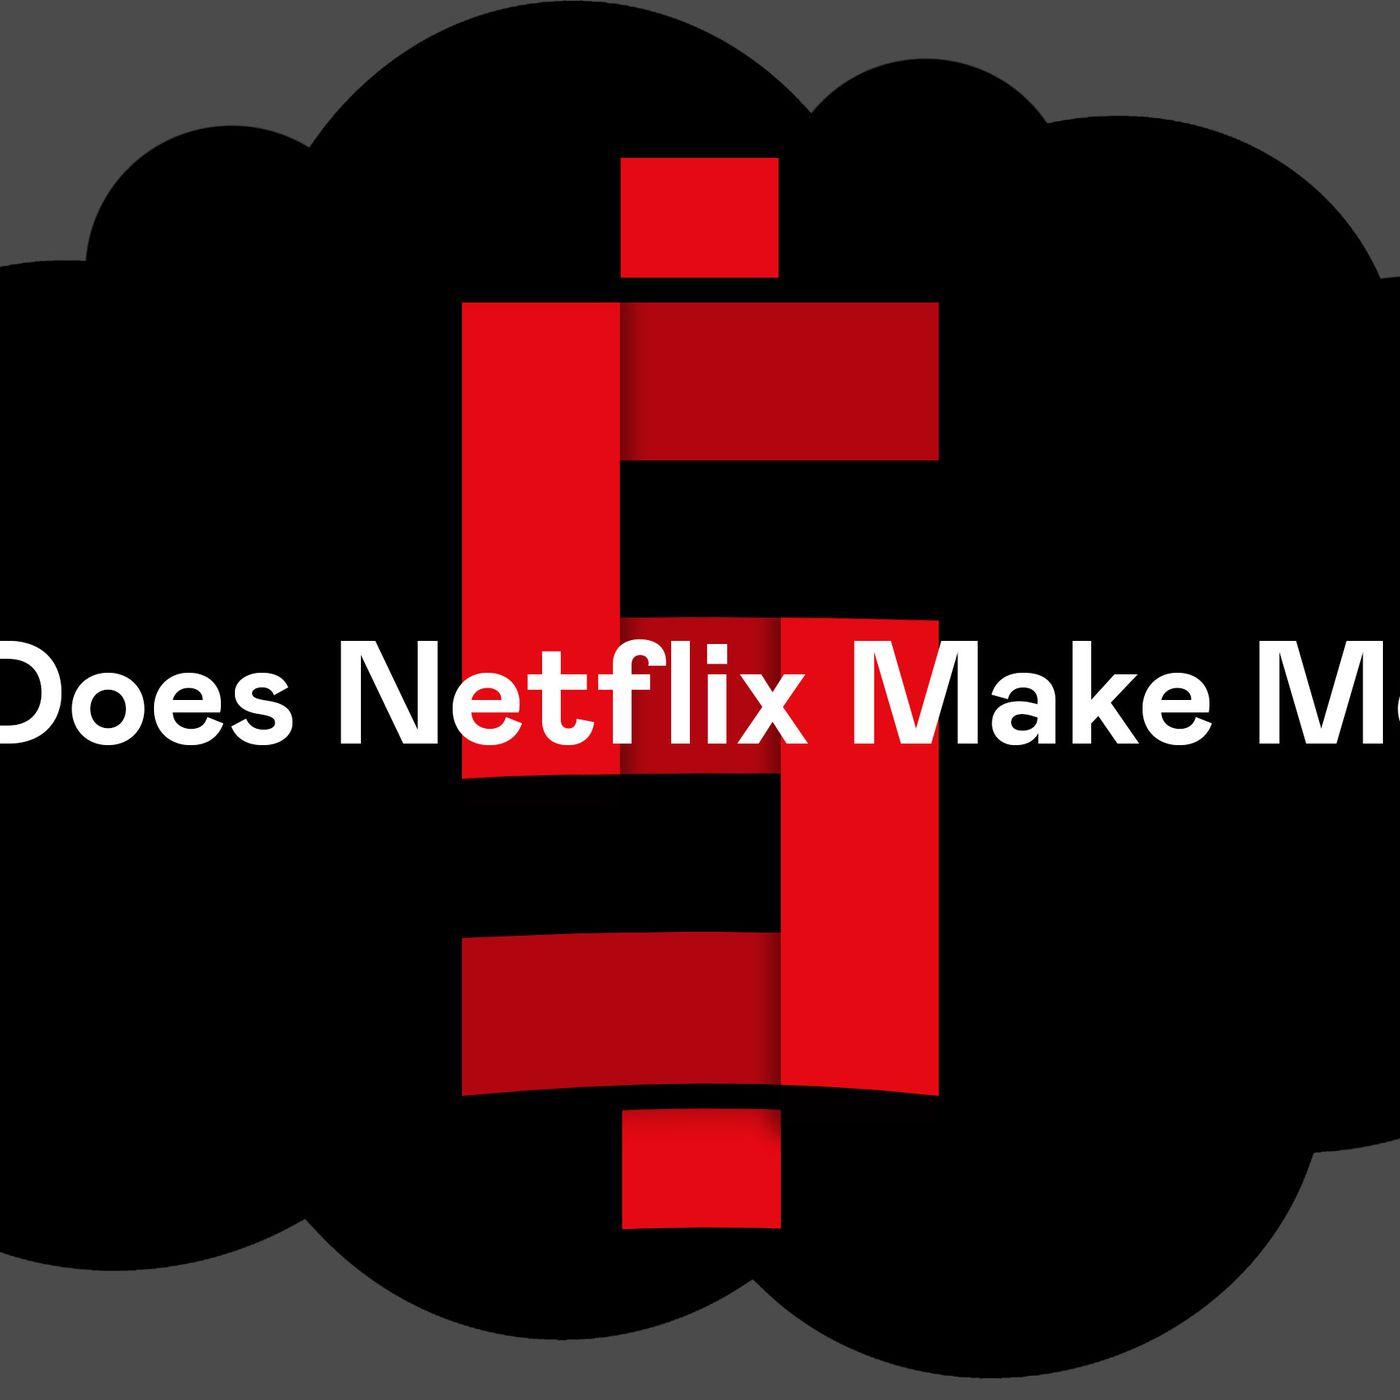 Ringer Phd How Does Netflix Make Money The Ringer